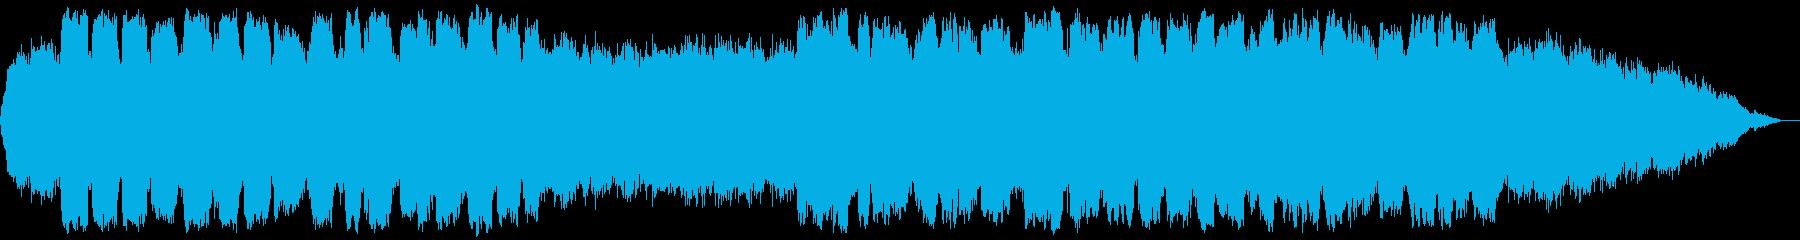 深呼吸をするような低音の笛の音楽の再生済みの波形